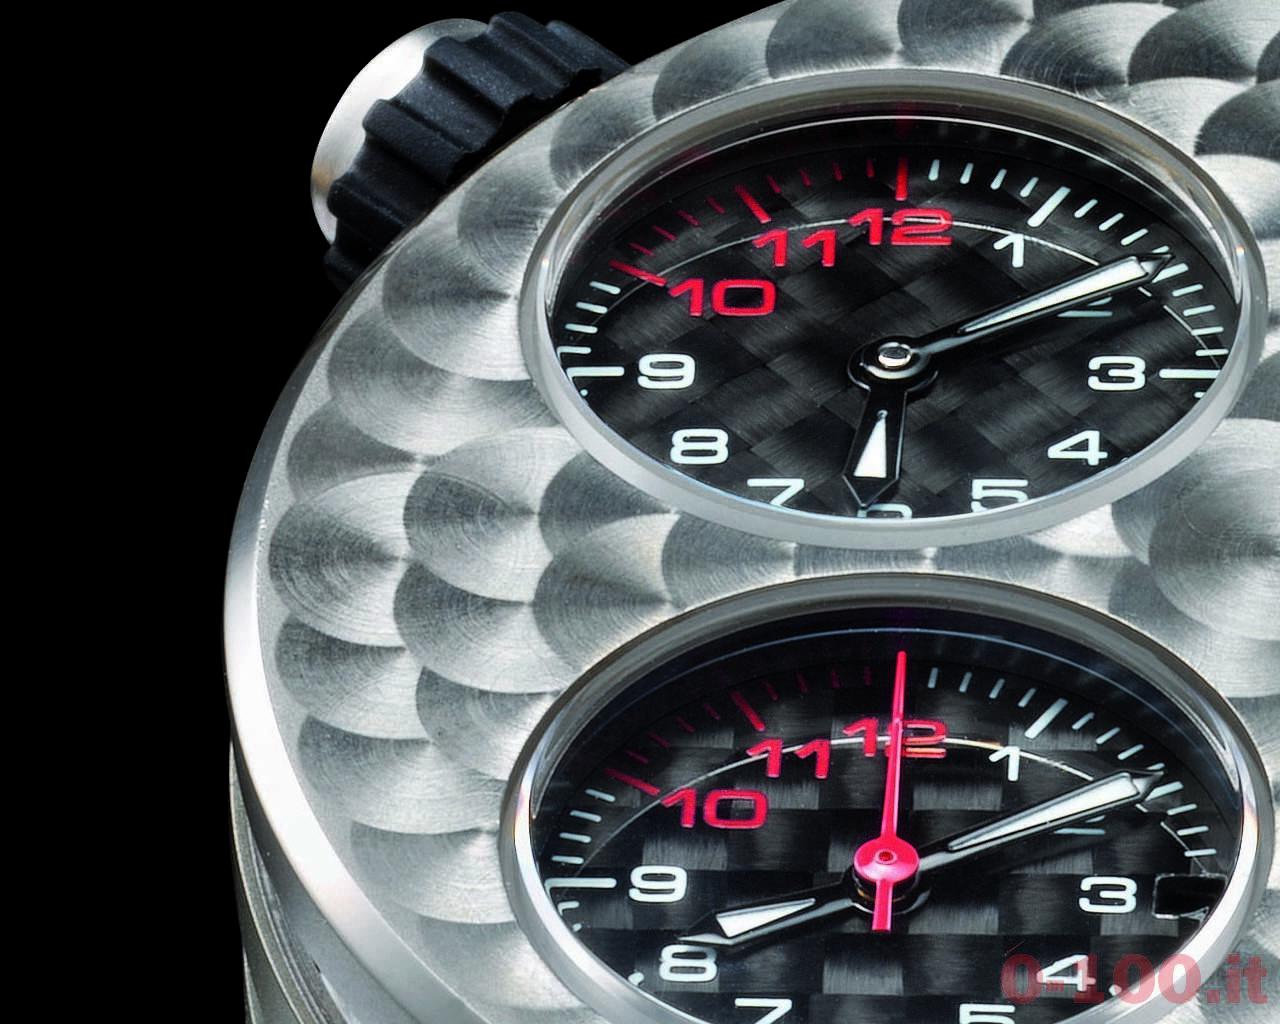 anteprima-baselworld-2016-meccaniche-veloci-icon-quattro-valvole-48-four-strokes-prezzo-price_0-1004